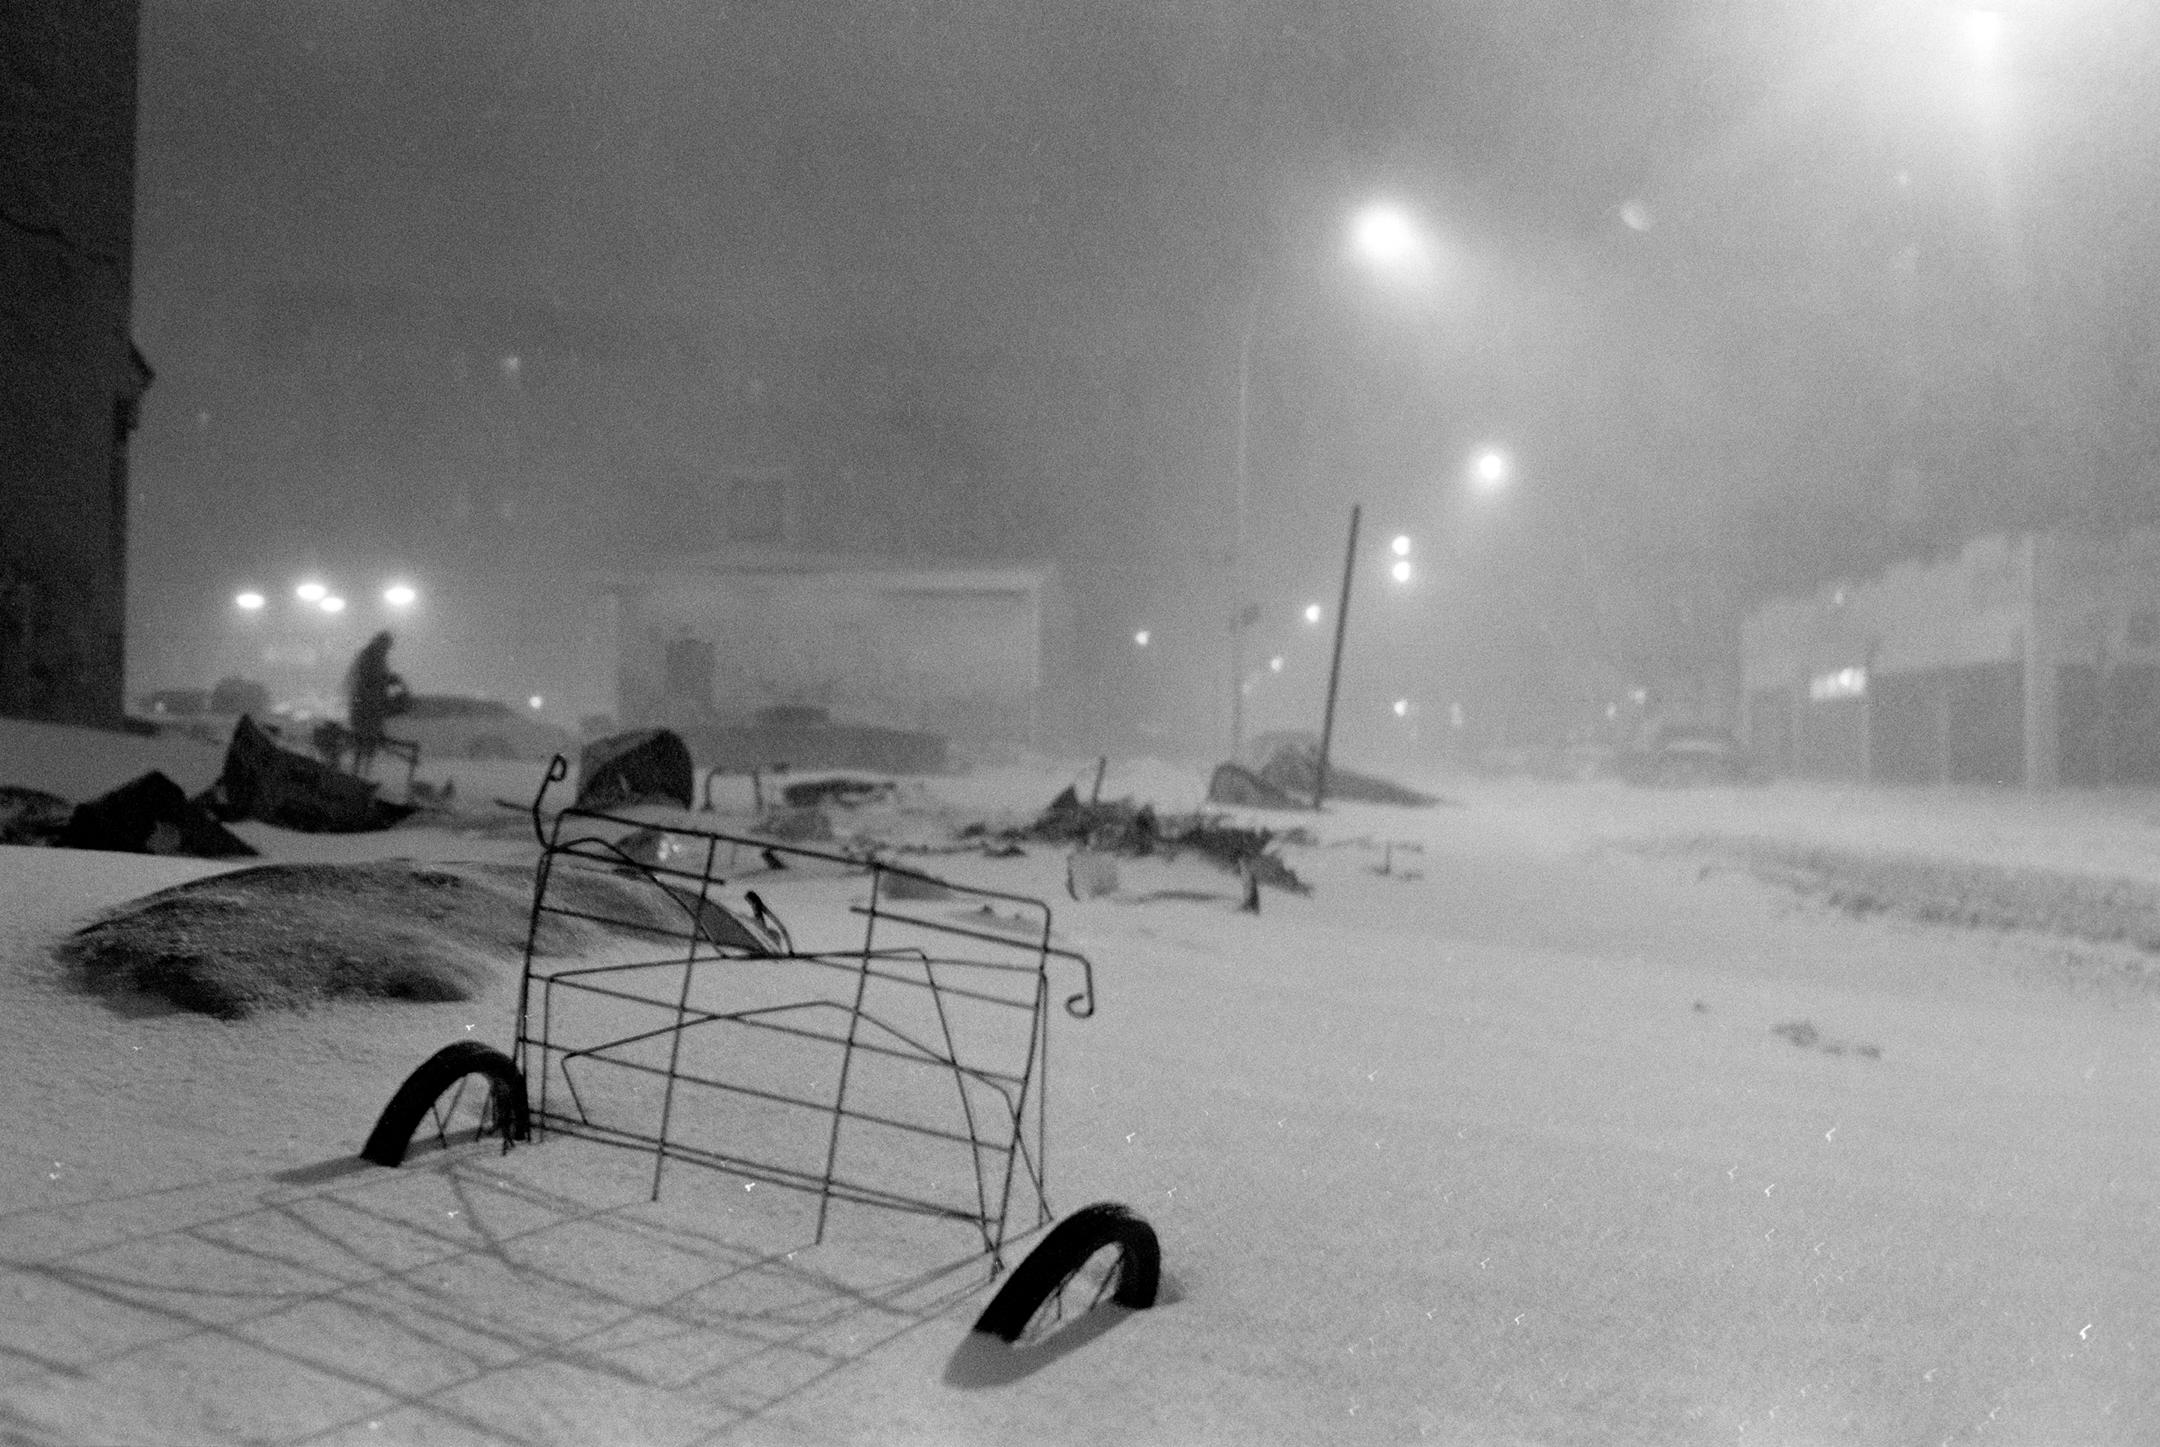 Brooklyn Snow II